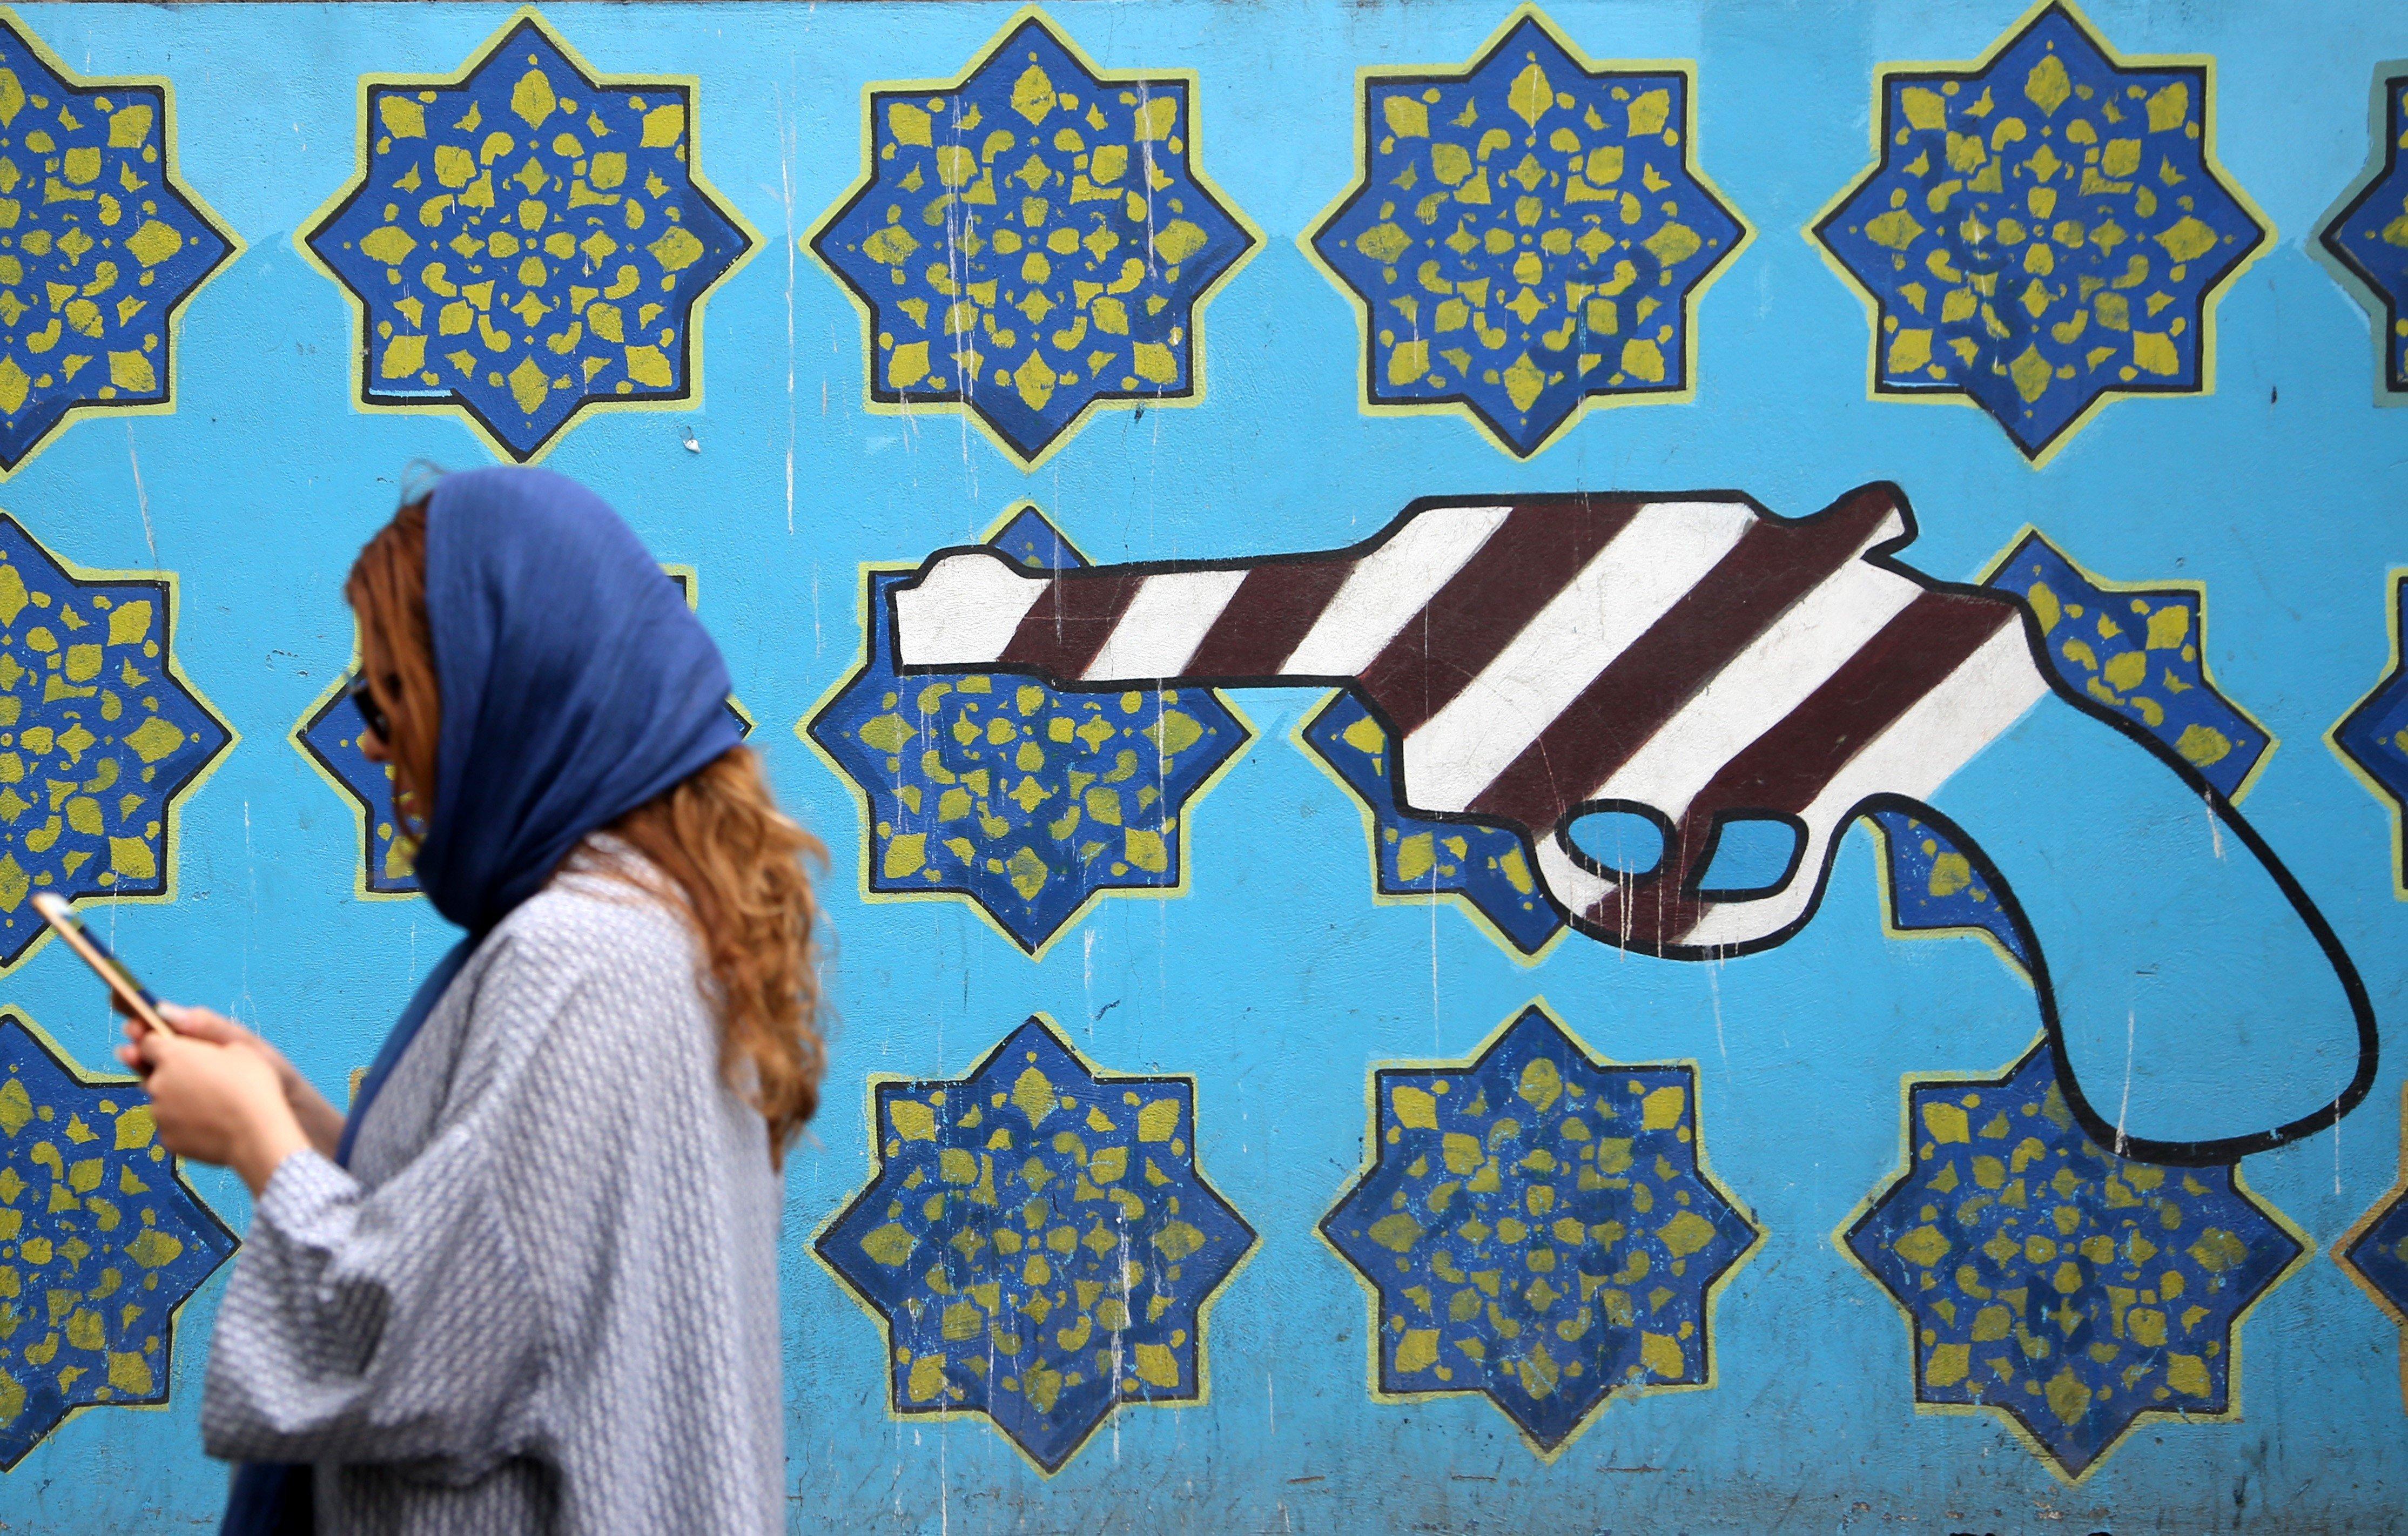 Απειλές Τραμπ σε εταιρείες που θα αψηφήσουν τις νέες κυρώσεις στο Ιράν. Δίχτυ προστασίας από την